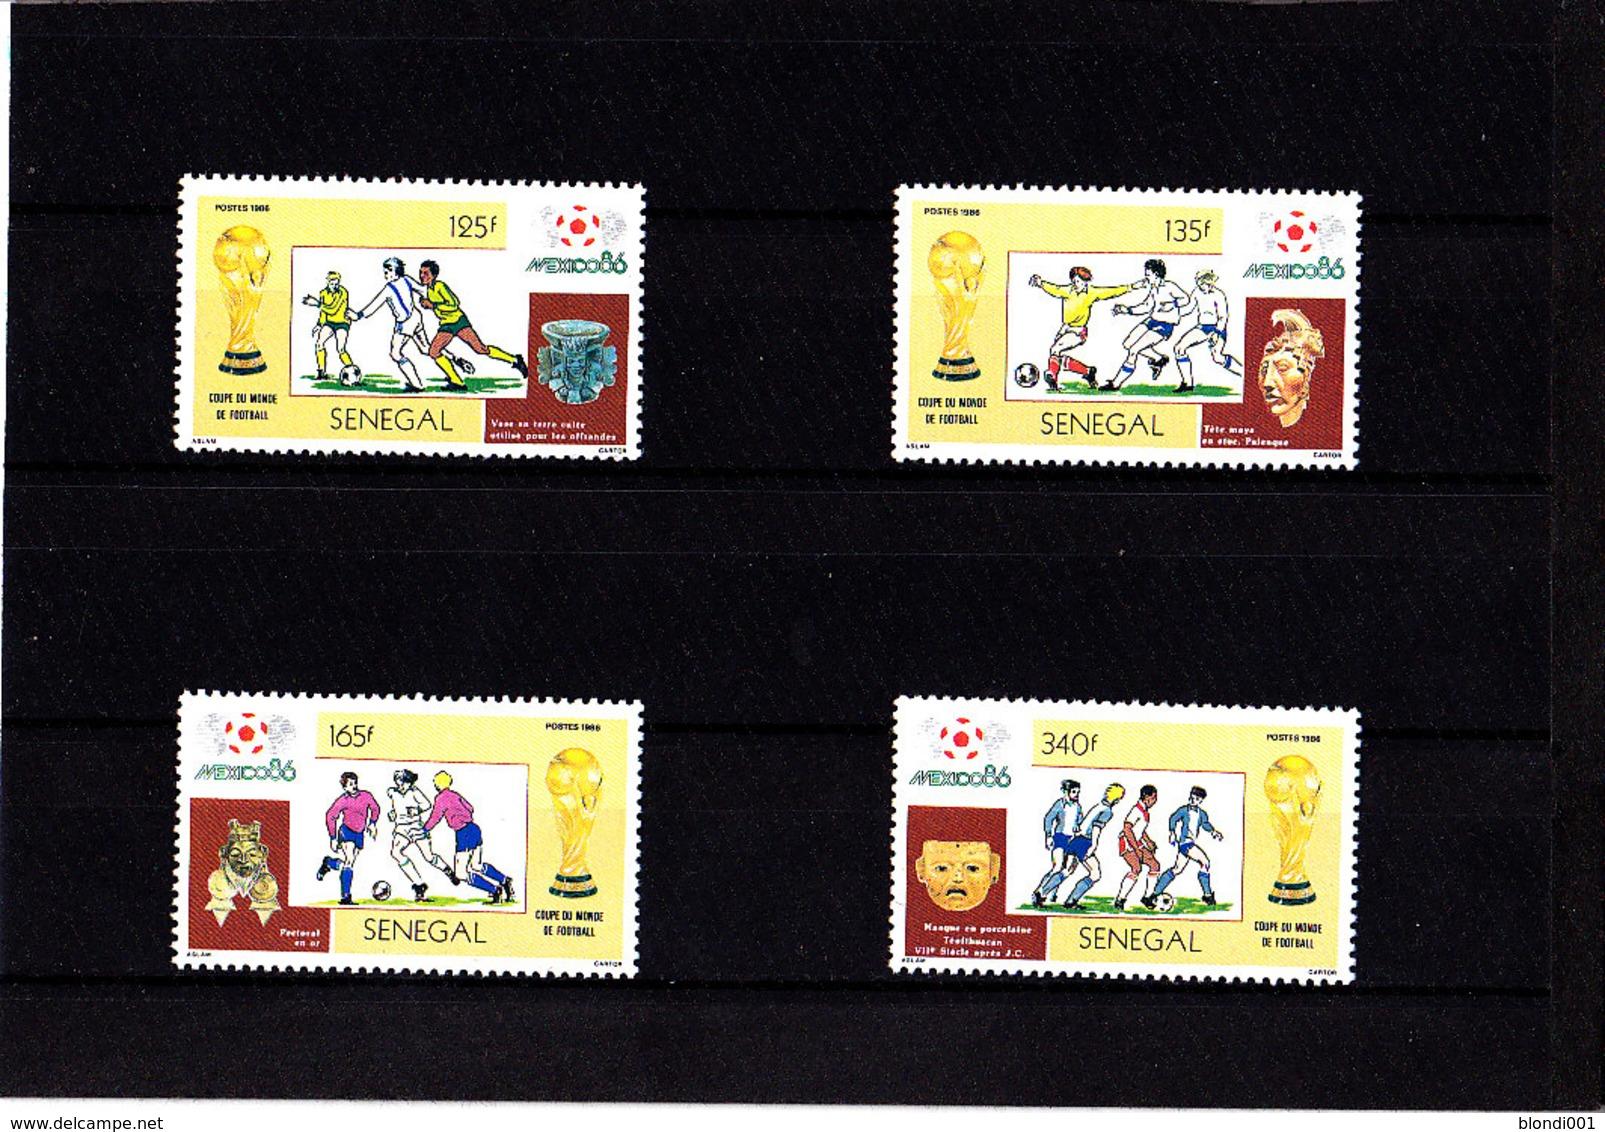 Soccer World Cup 1986 - SENEGAL - Set MNH** - Fußball-Weltmeisterschaft